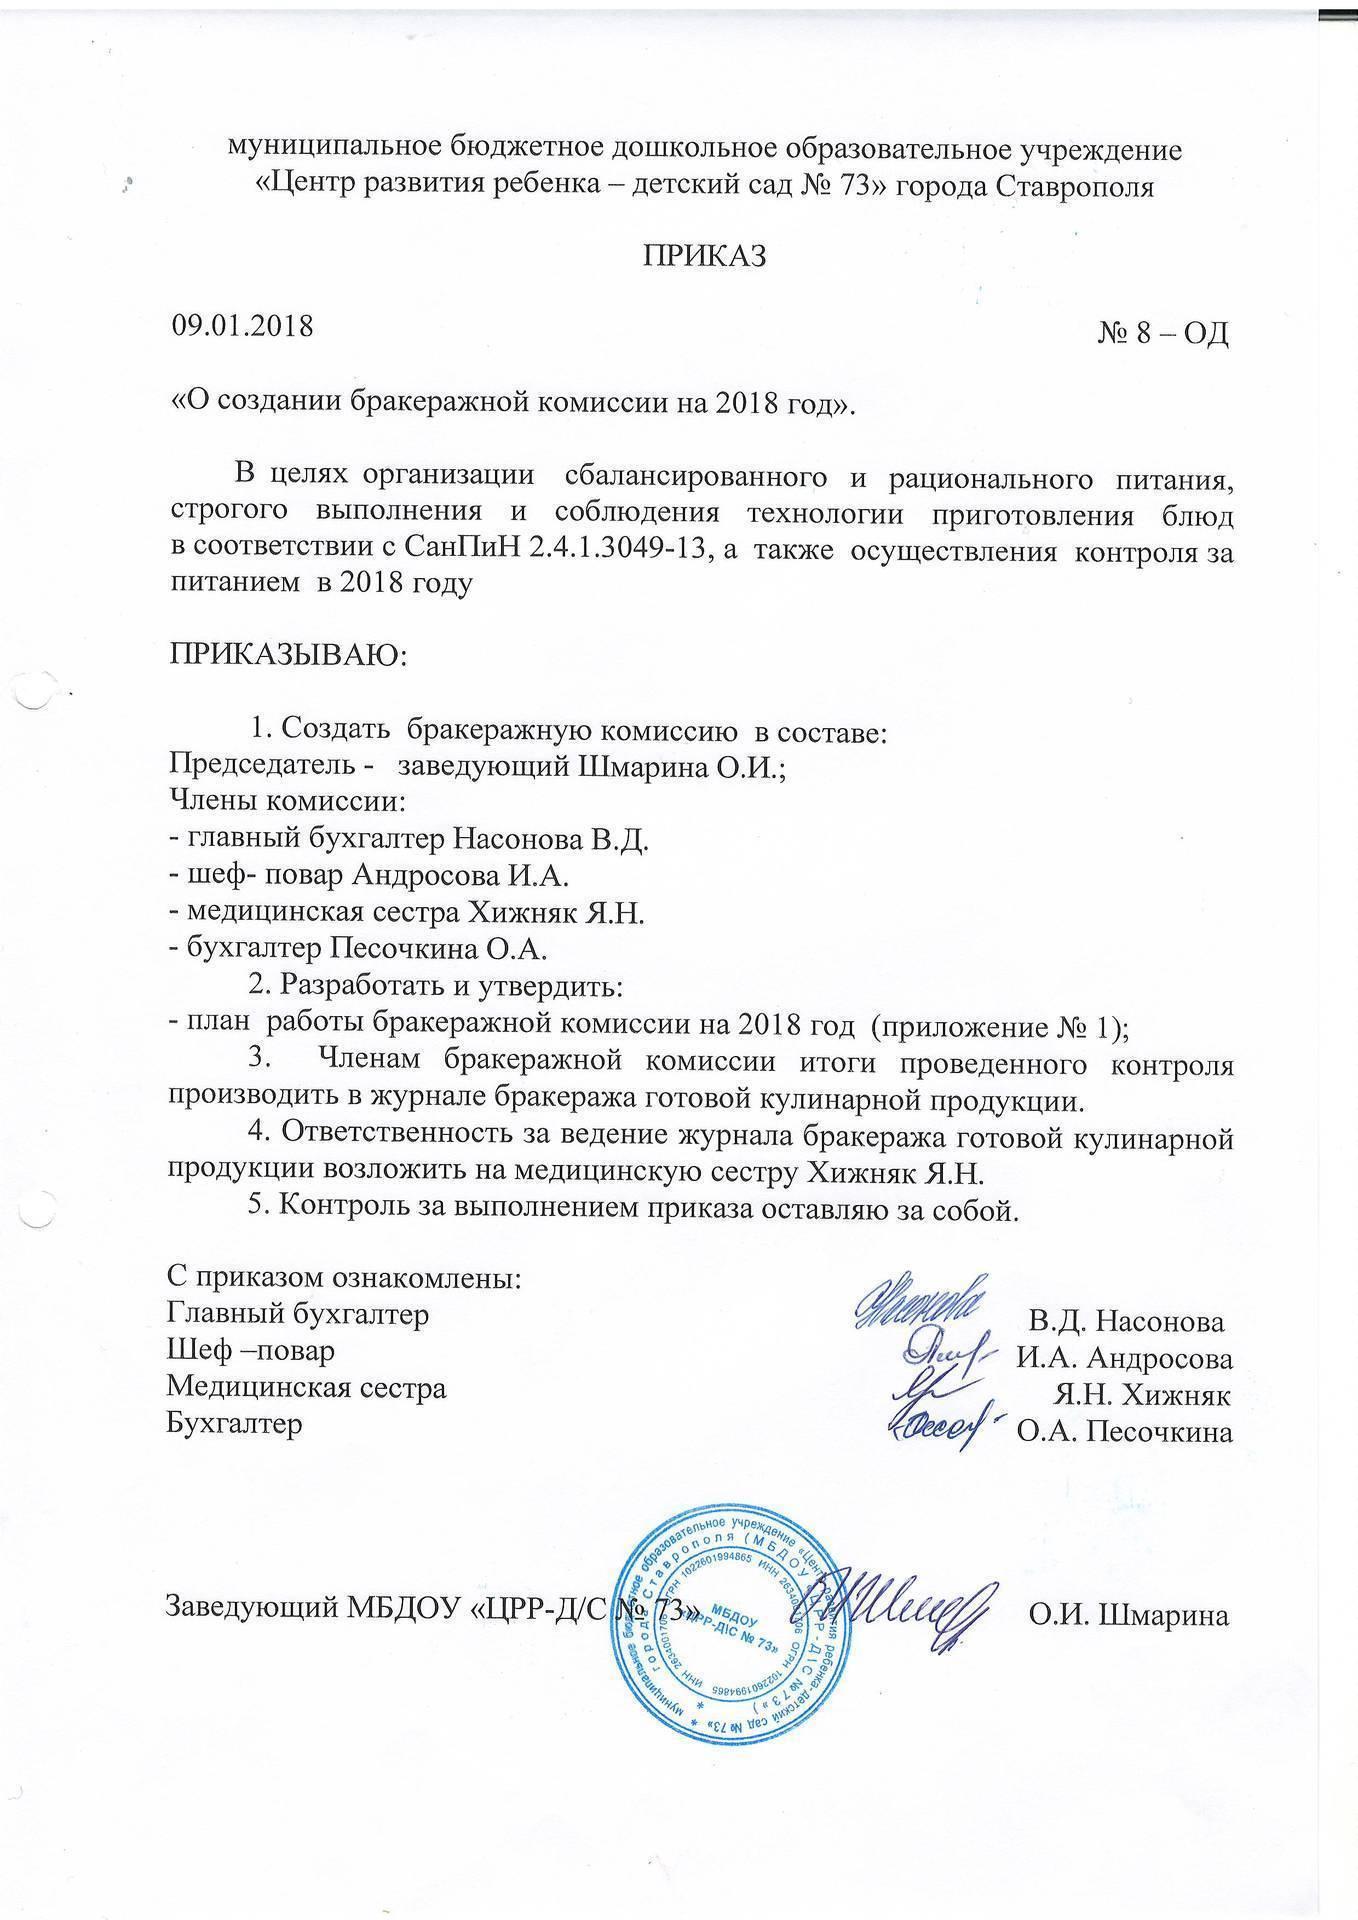 Мбдоу великооктябрьский детский сад «белочка» | положение о.